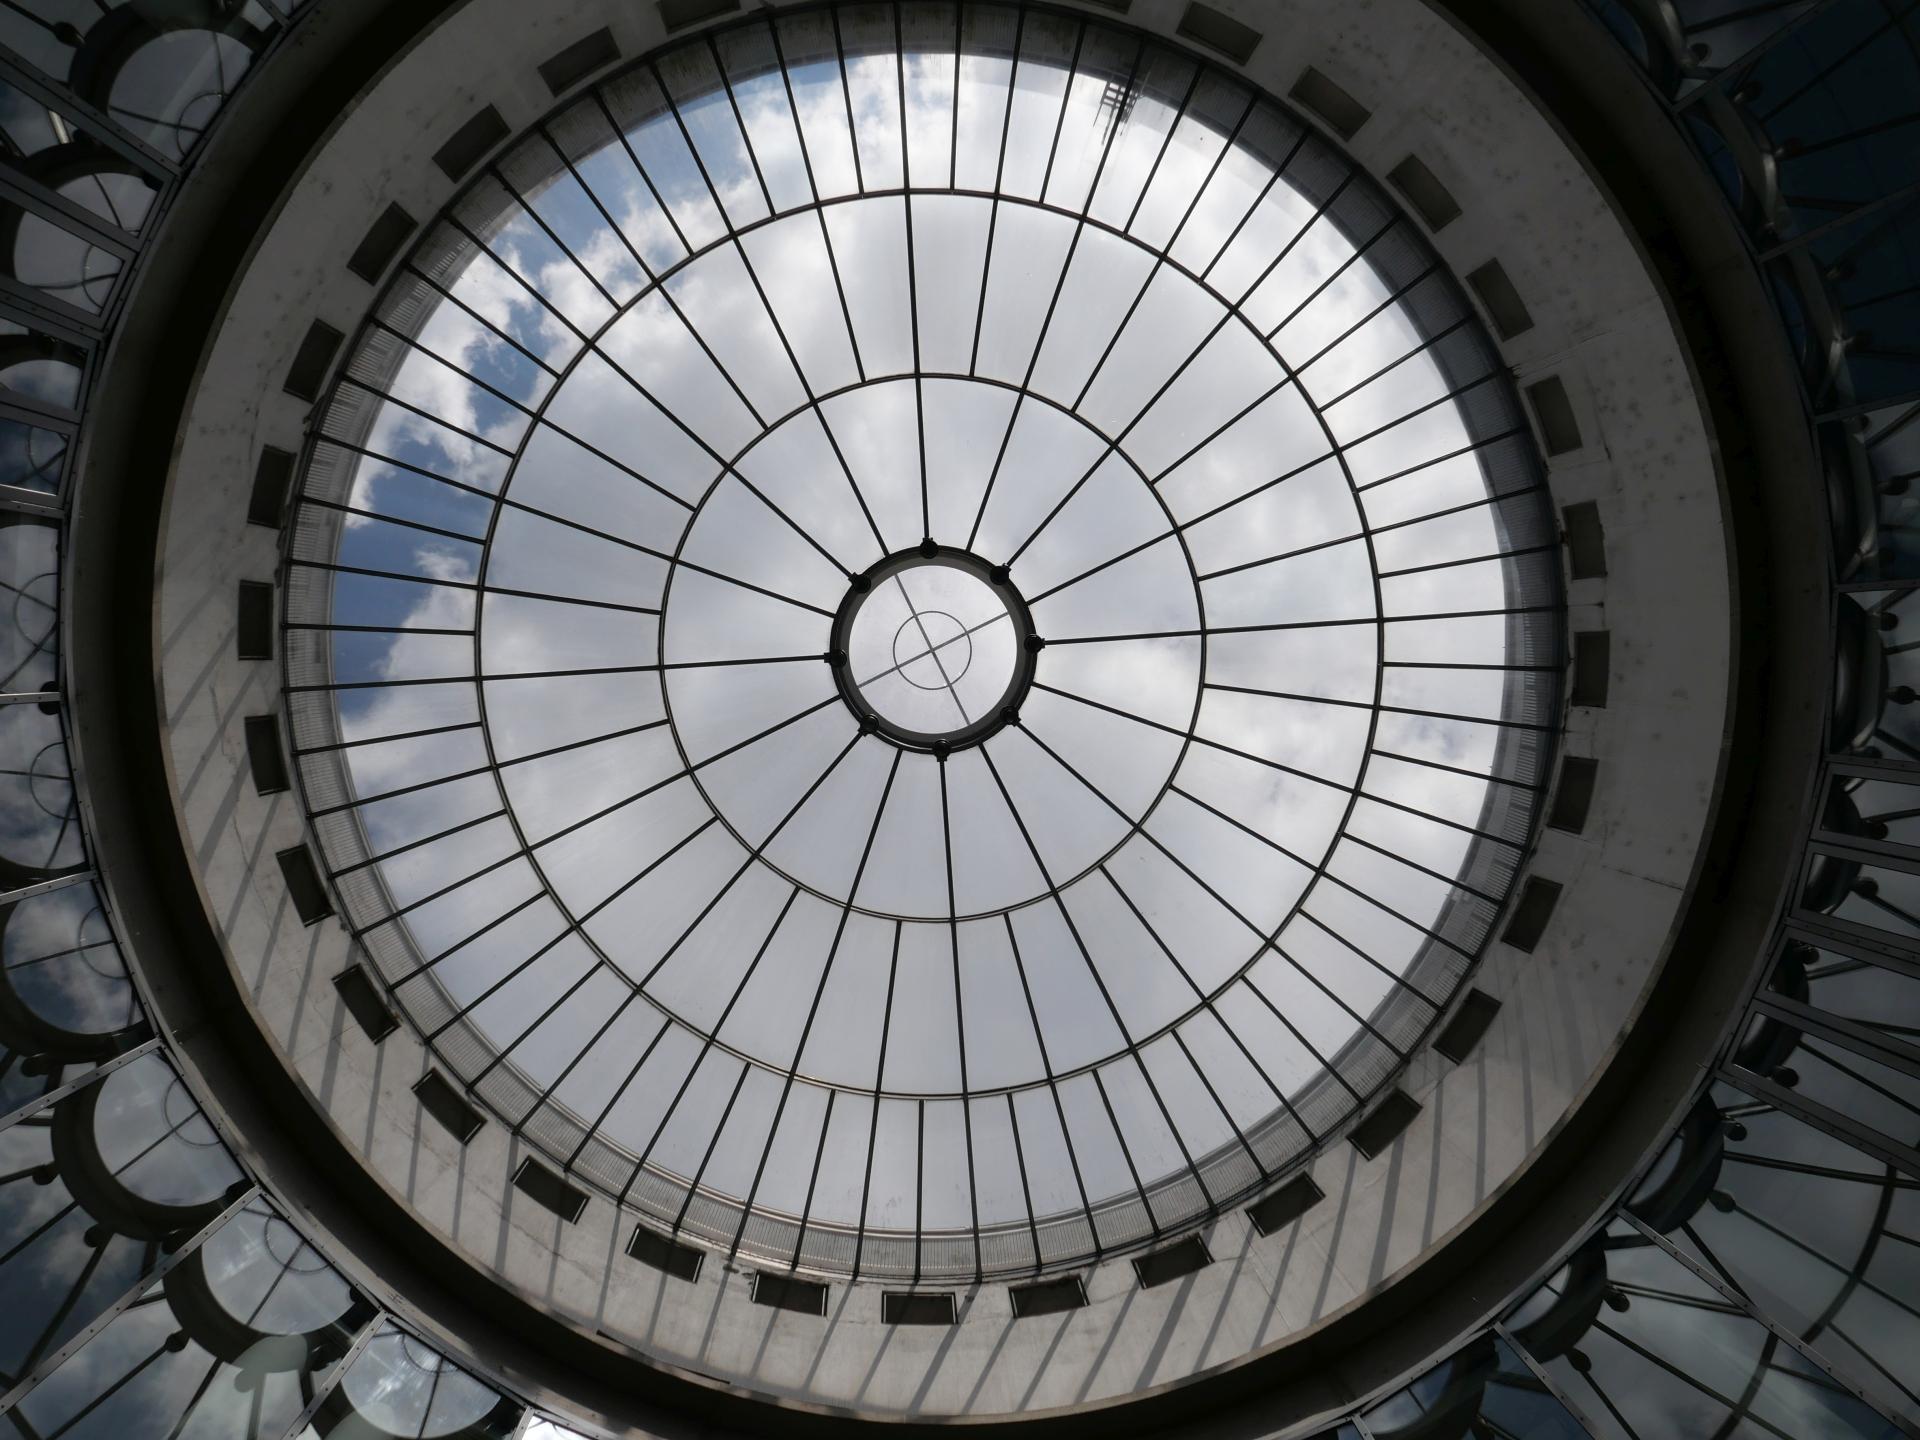 Blick aus der Rotunde der Schirn durchs Glasdach in die Großzügigkeit des Himmels